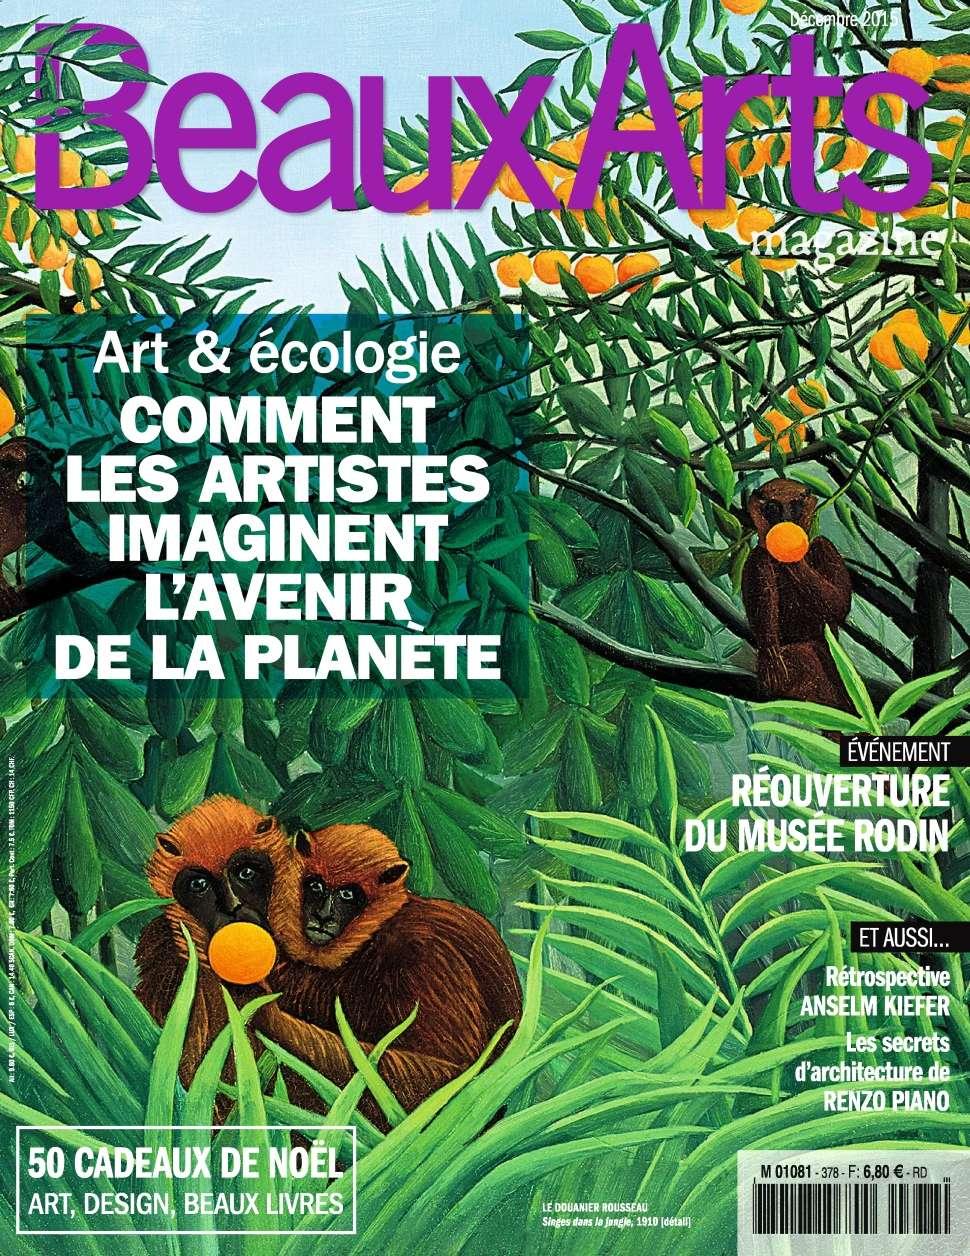 Beaux Arts magazine 378 - Décembre 2015